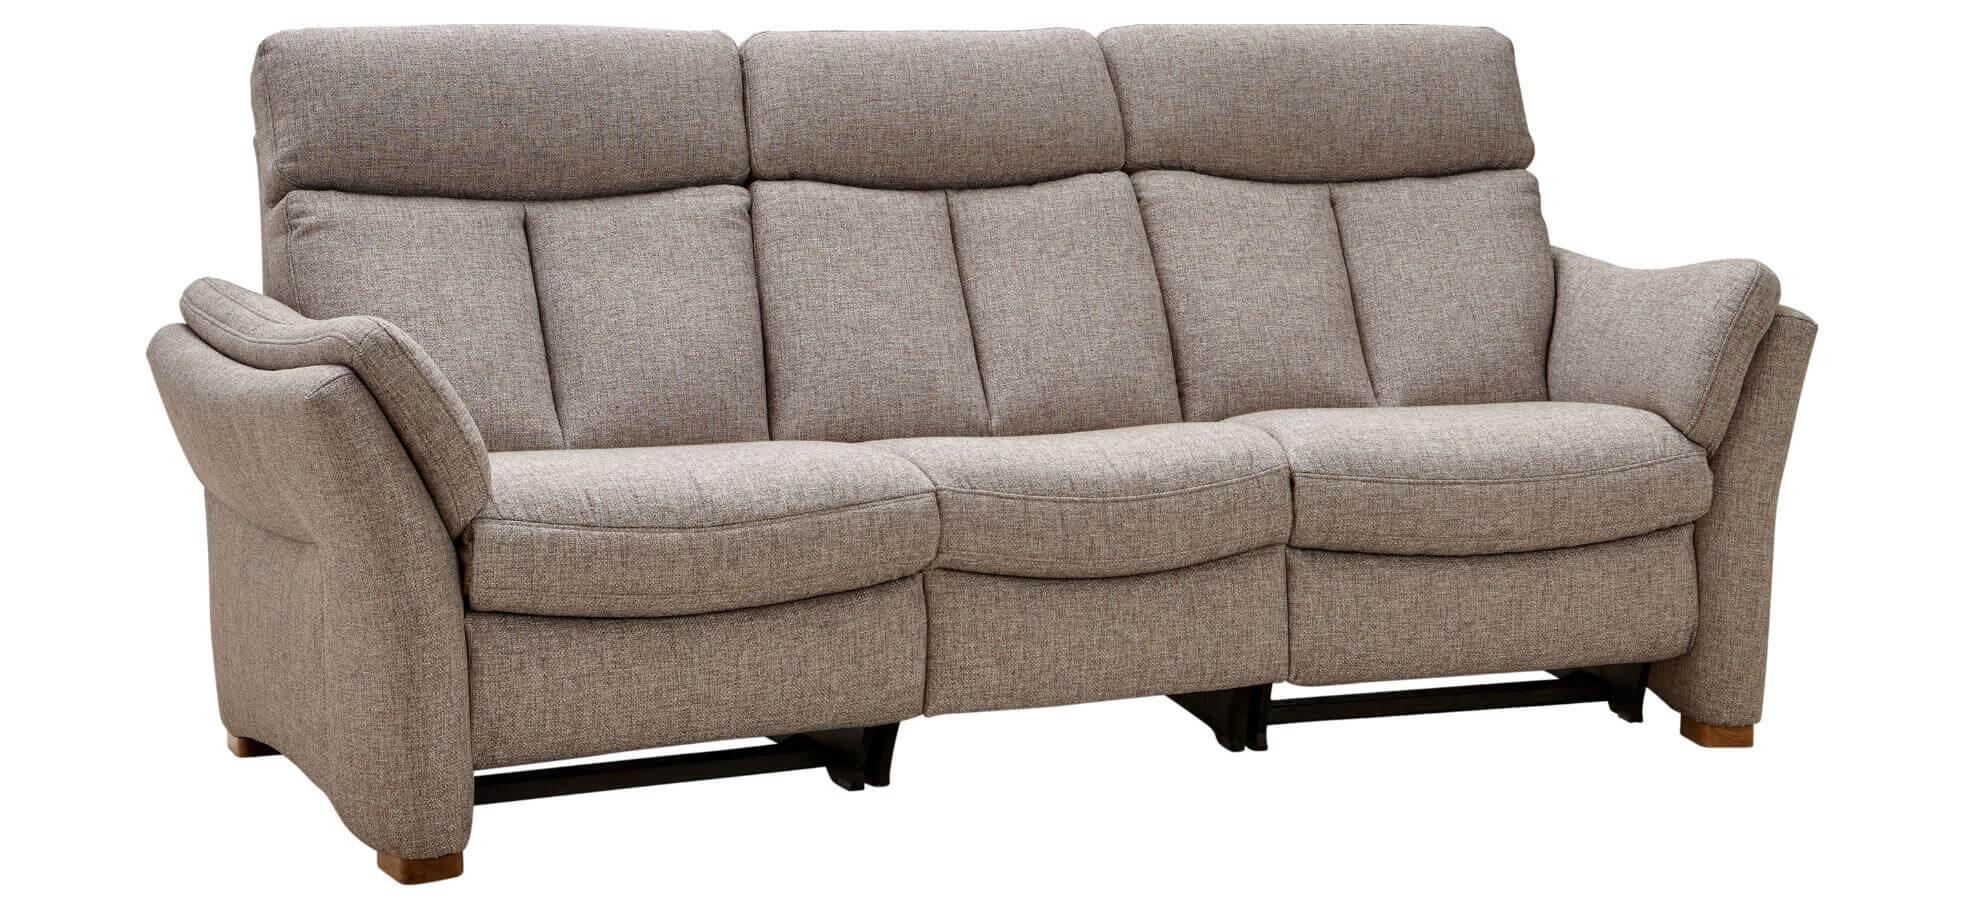 Full Size of Sofa Mit Bettfunktion Polsterreiniger Freistil Sitzhöhe 55 Cm 2 5 Sitzer 3 Teilig Ikea Schlaffunktion Recamiere 2er Rattan Garten Verkaufen Bett 140x200 Sofa Sofa Mit Relaxfunktion 3 Sitzer